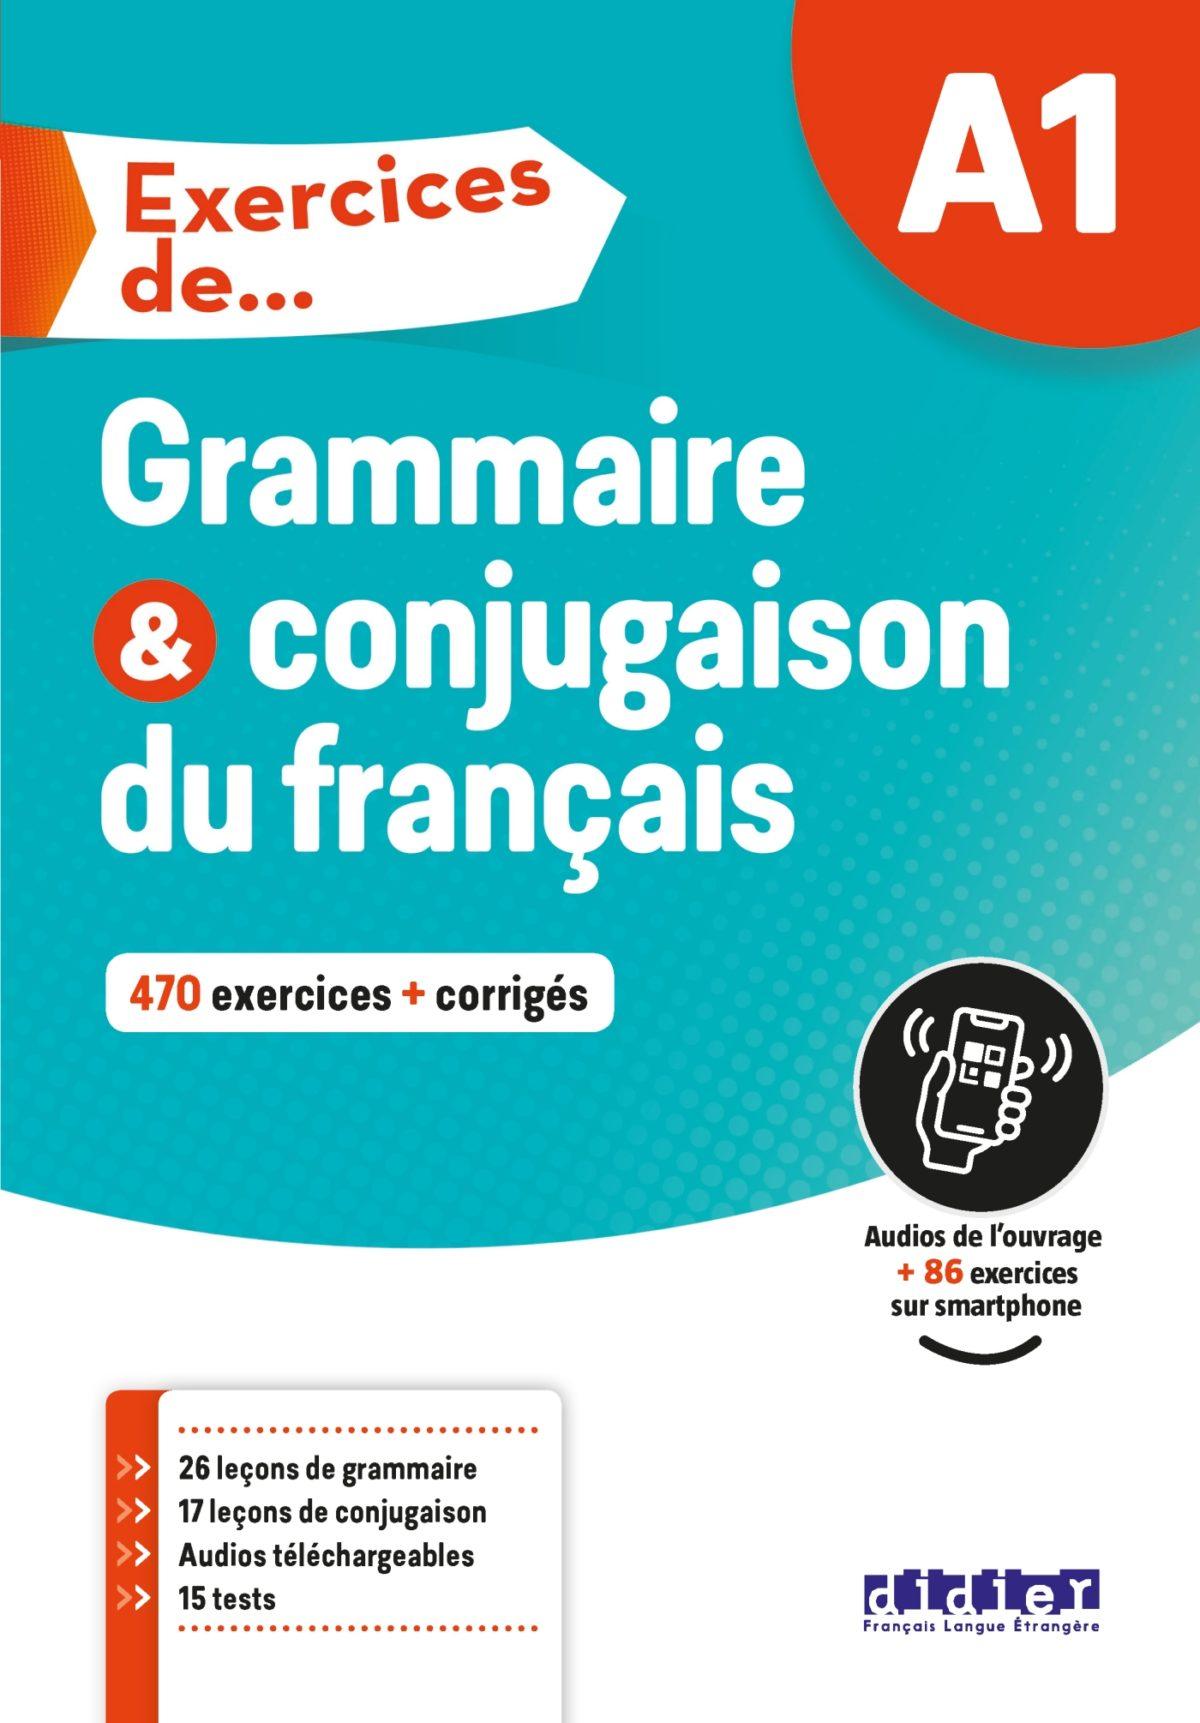 Exercices de Grammaire et conjugaison A1 - Livre - Didier FLE